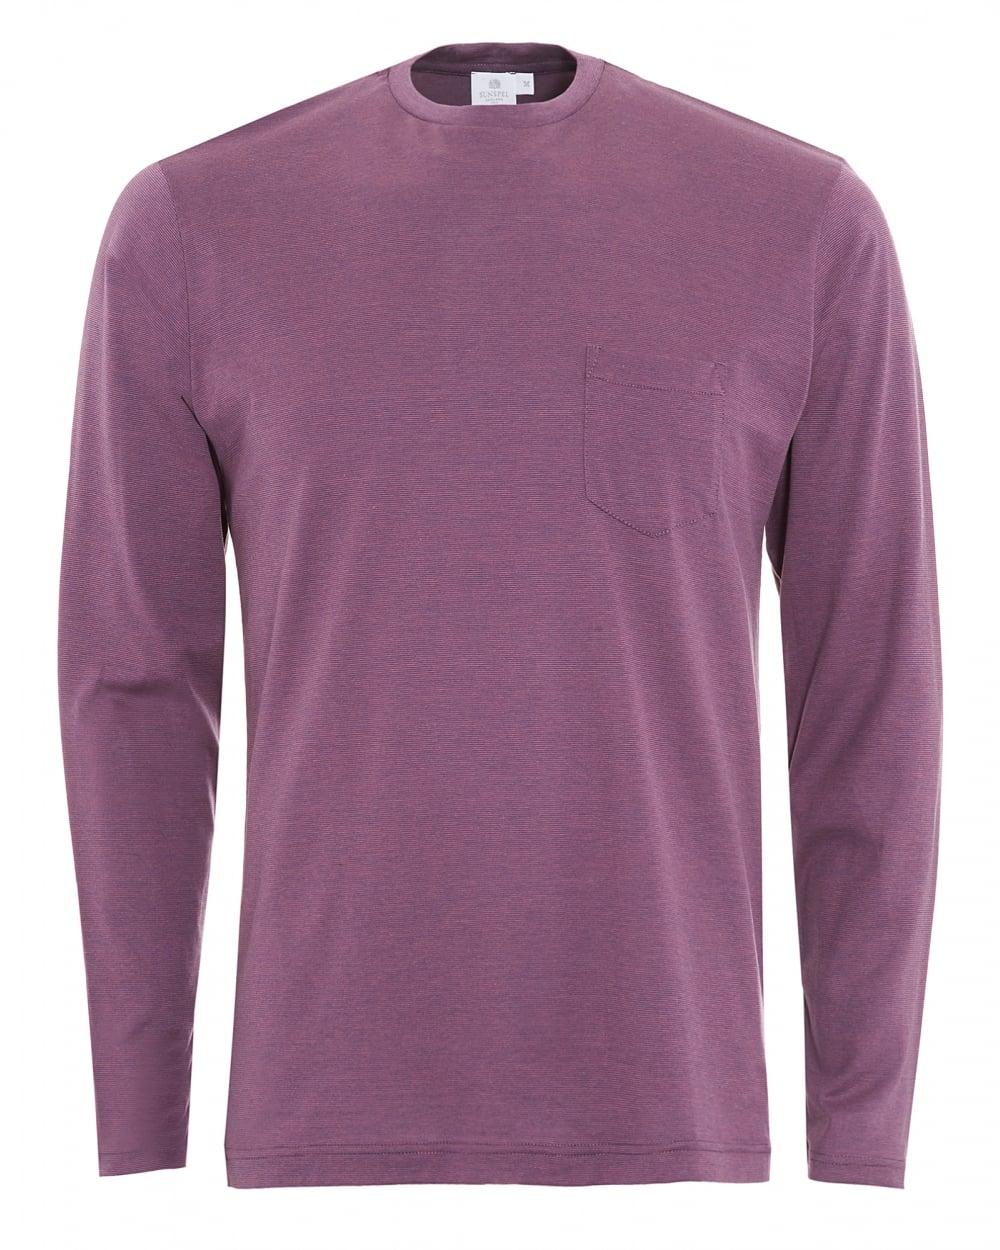 Sunspel mens long sleeve purple micro stripe pocket t shirt for Long sleeve pocket shirts